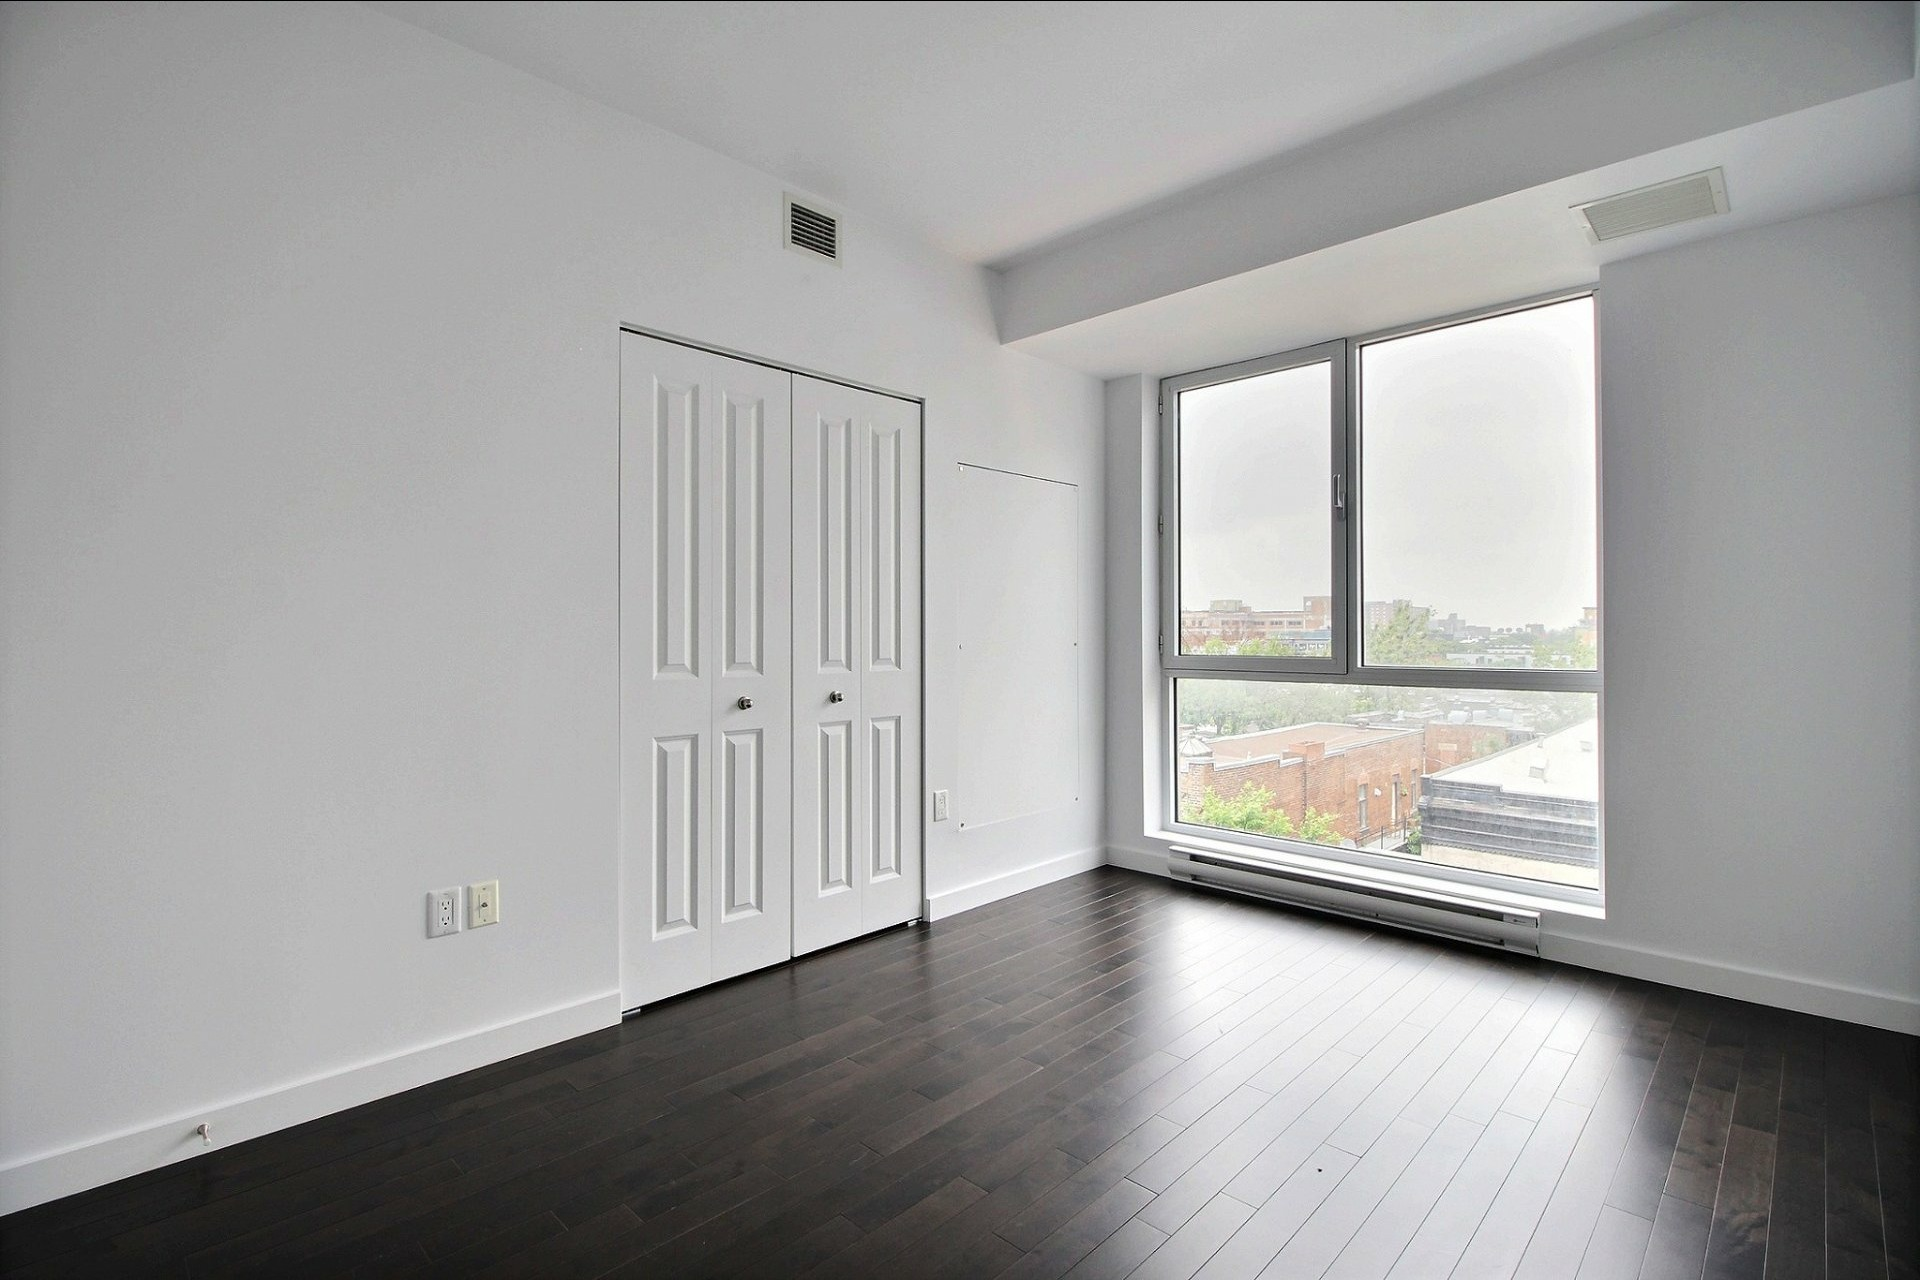 image 31 - Appartement À vendre Montréal Ville-Marie  - 5 pièces